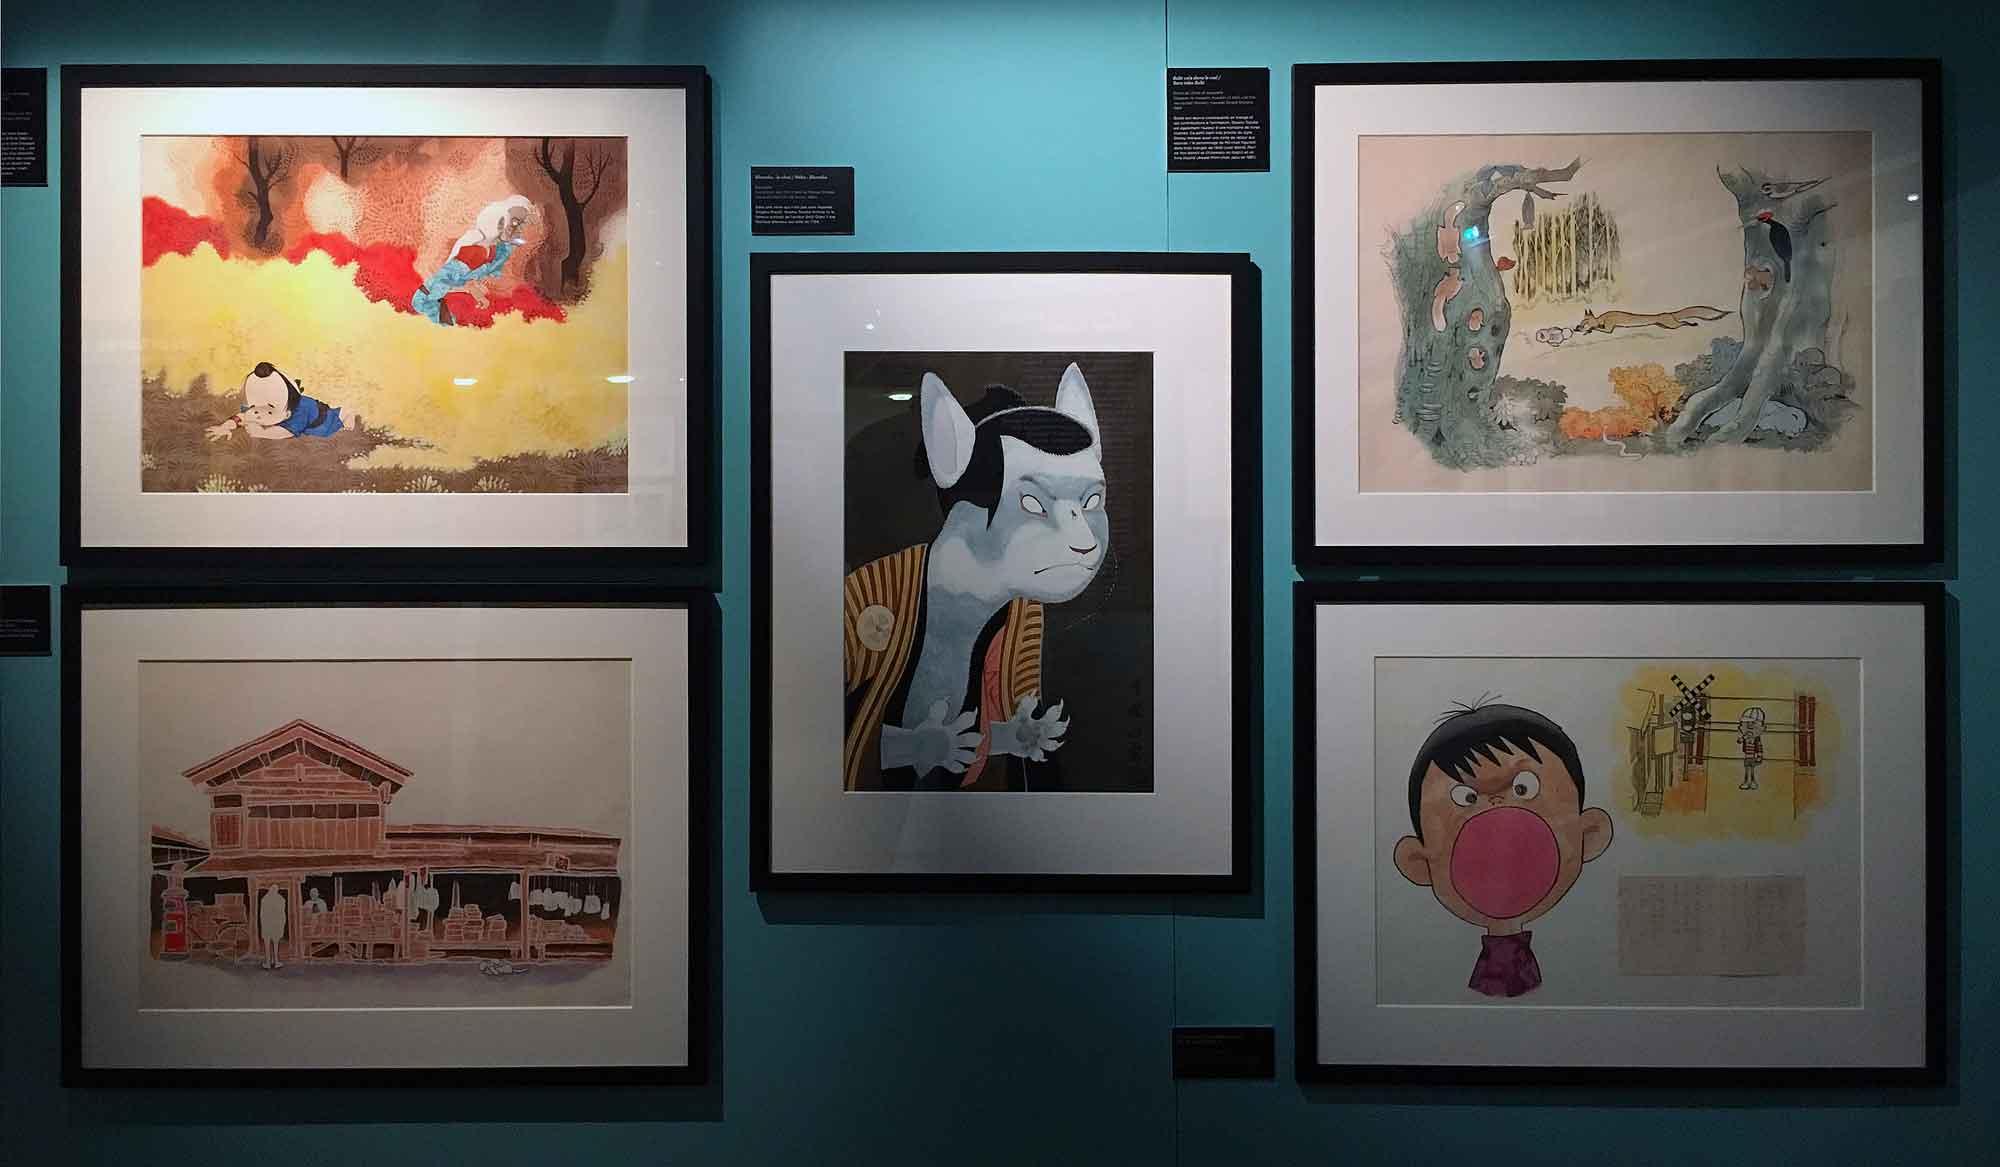 Divers travaux d'illustrations couleur sont également accrochés dans cette rétrospective. Le public découvre ainsi les multiples facettes de cette auteure qui a su se perfectionner, évoluer et surtout rechercher de nouveau mode d'expression visuel tout au long de sa carrière.